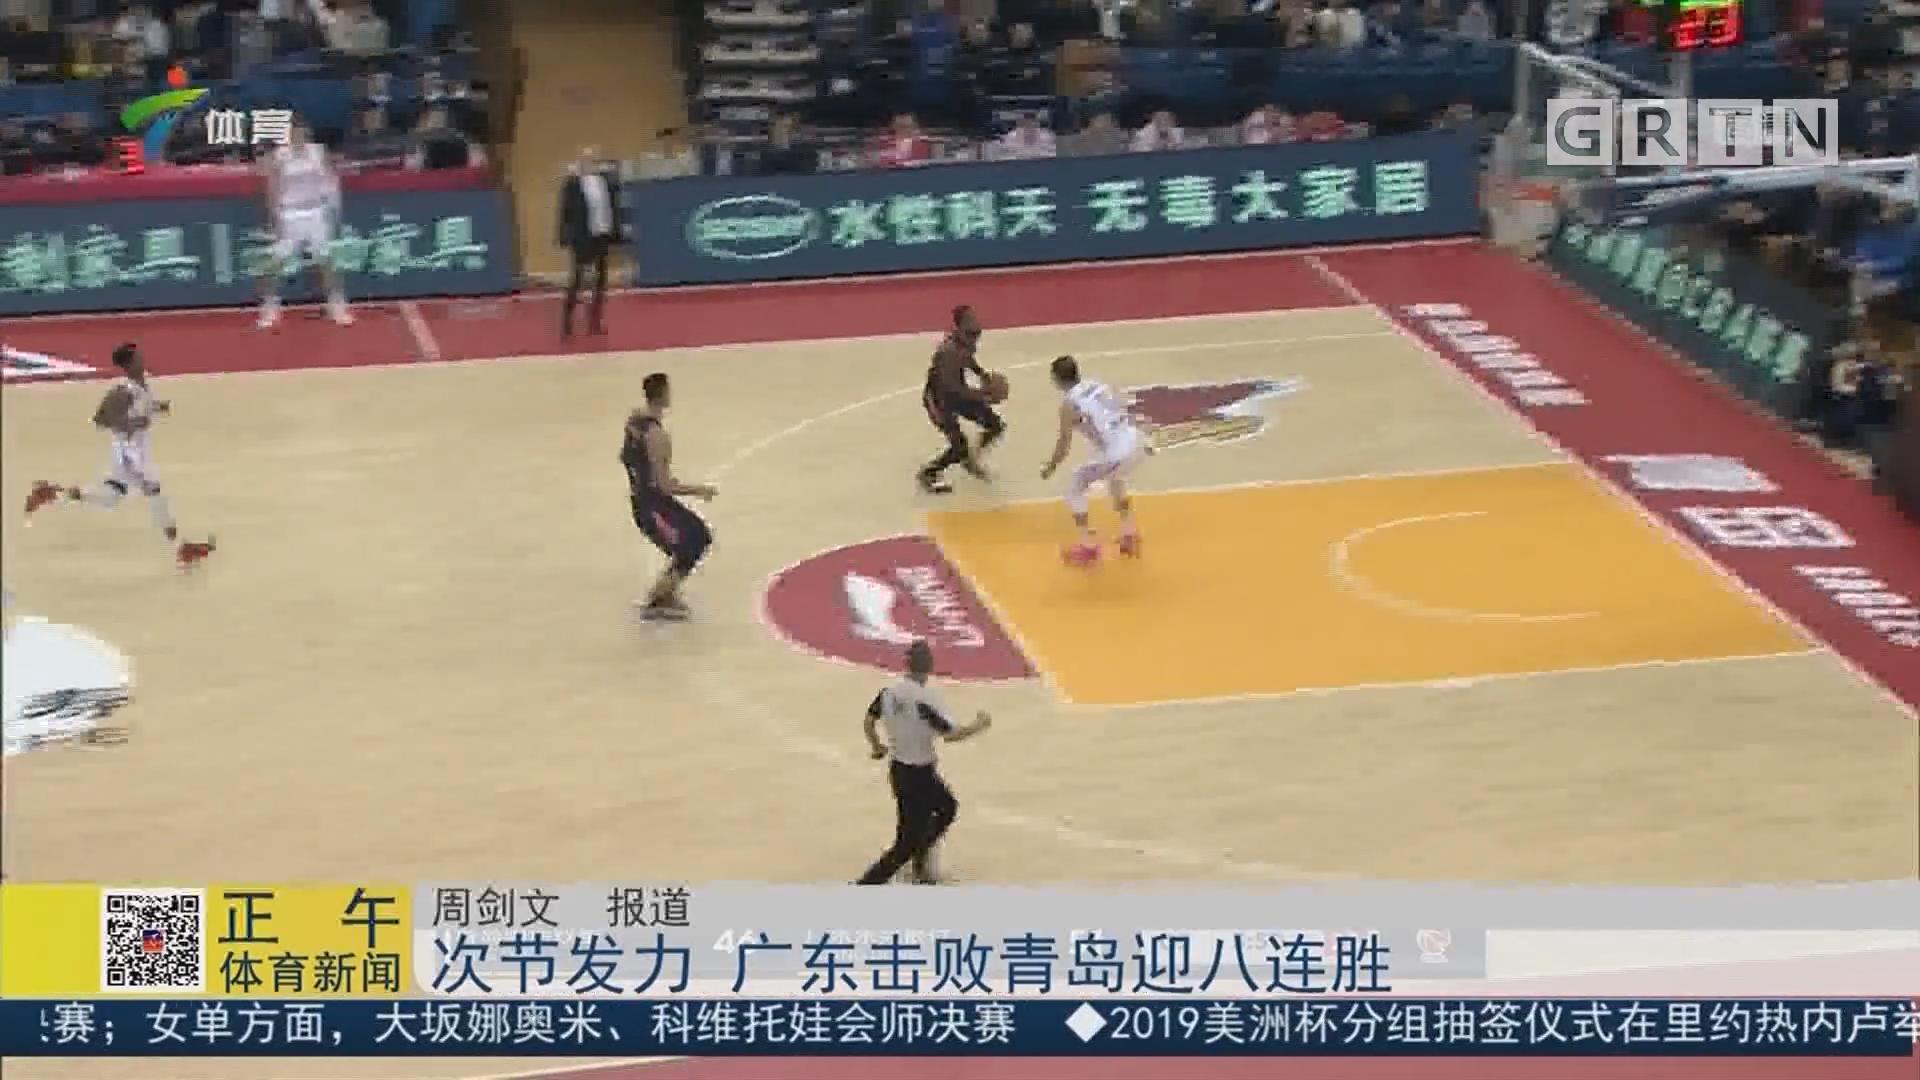 次节发力 广东击败青岛迎八连胜